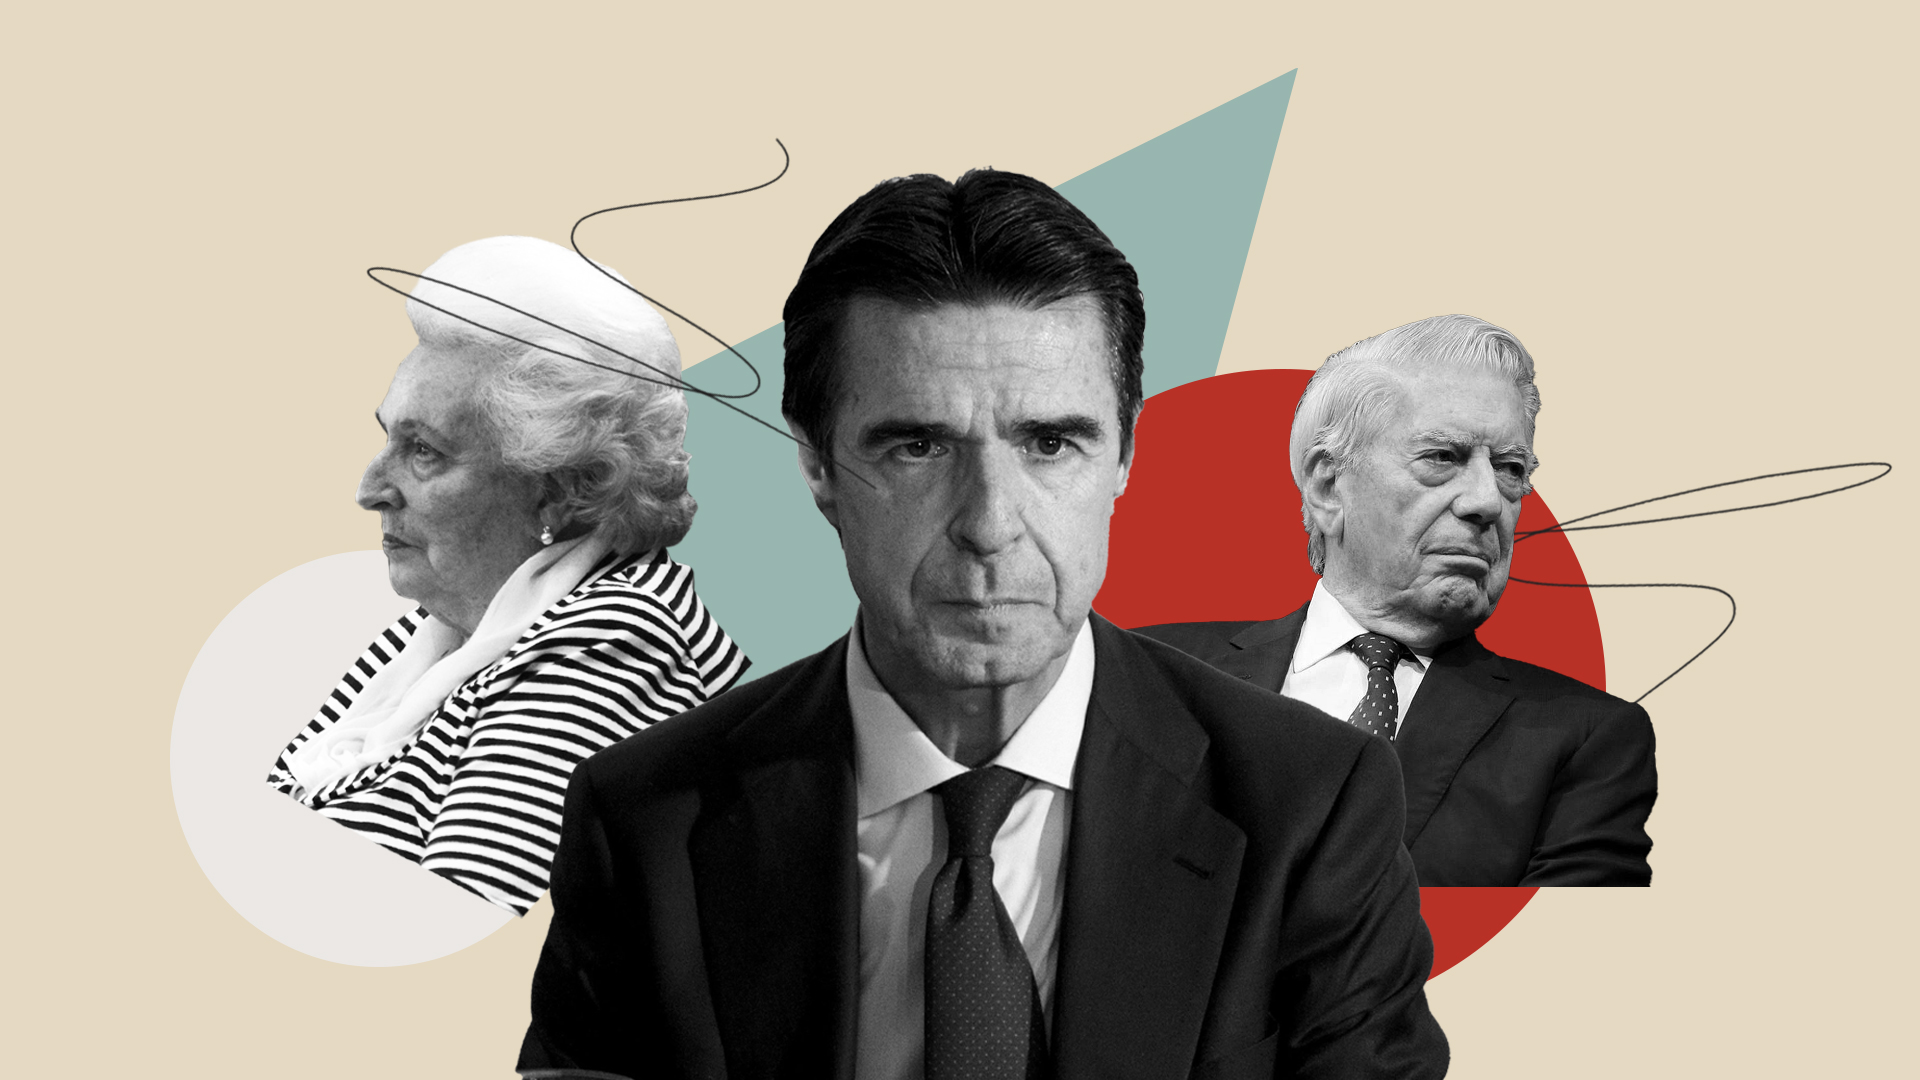 Ilustración sobre los Papeles de Panamá